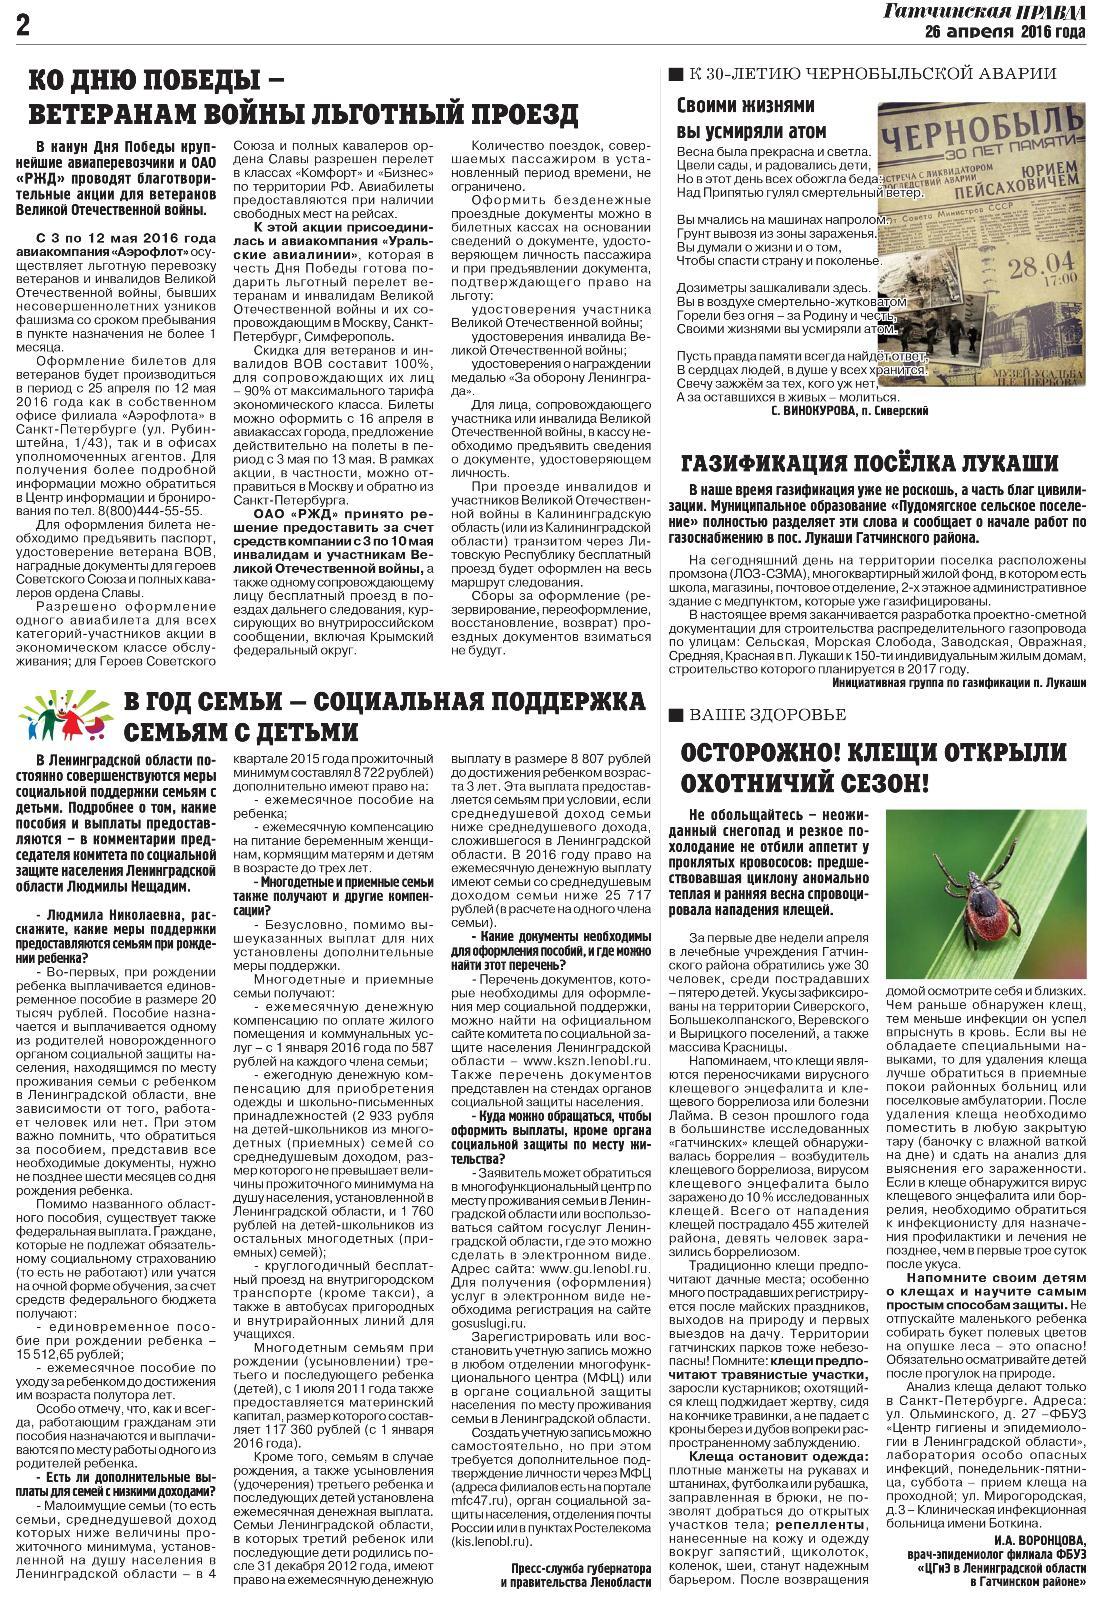 Гатчинская правда №44 от 26 апреля 2016 года